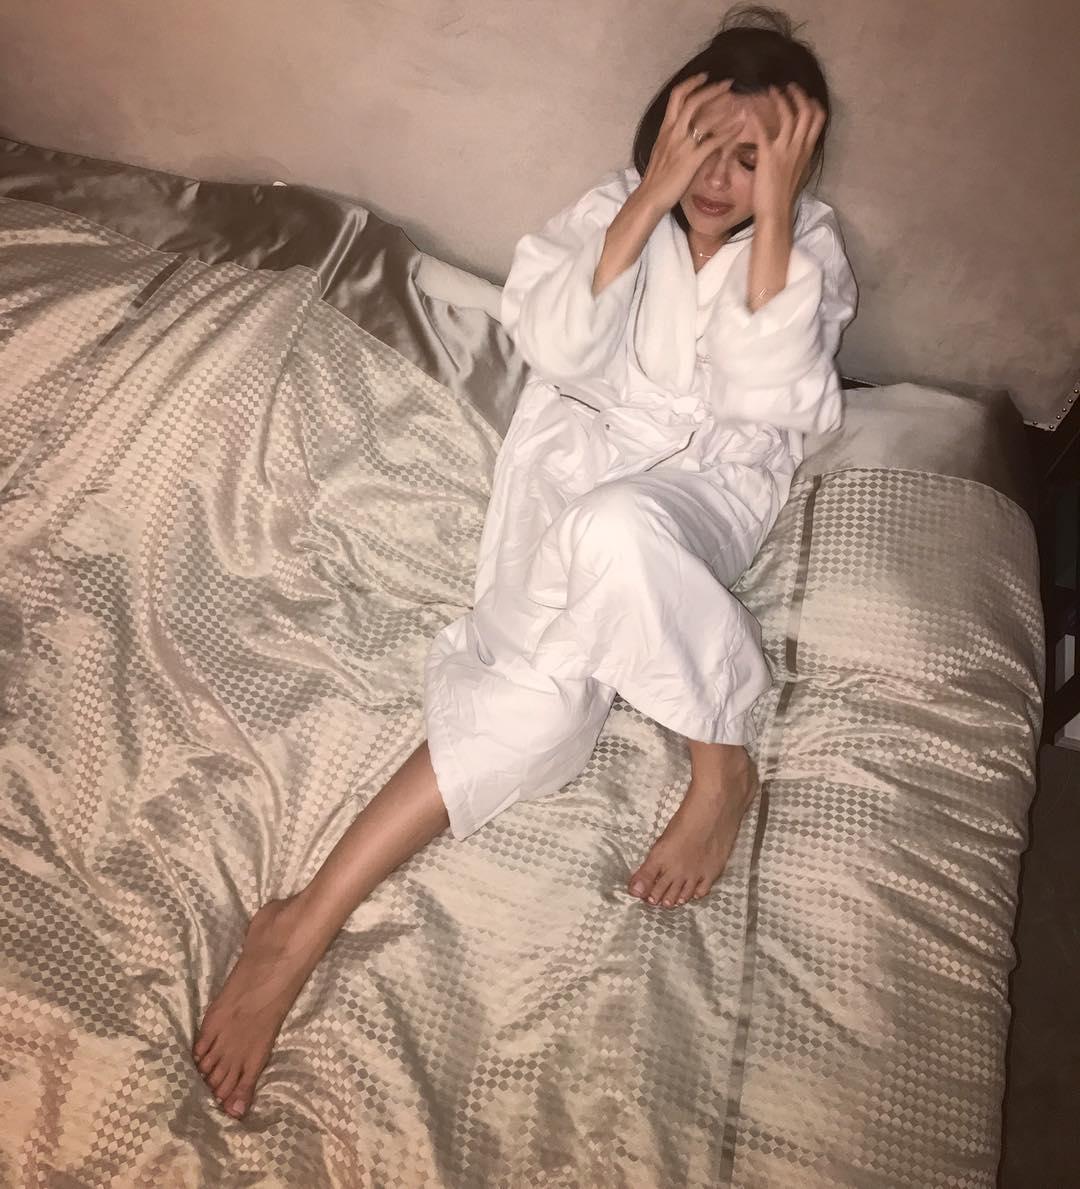 Кира, массажистка на сайте Massage City